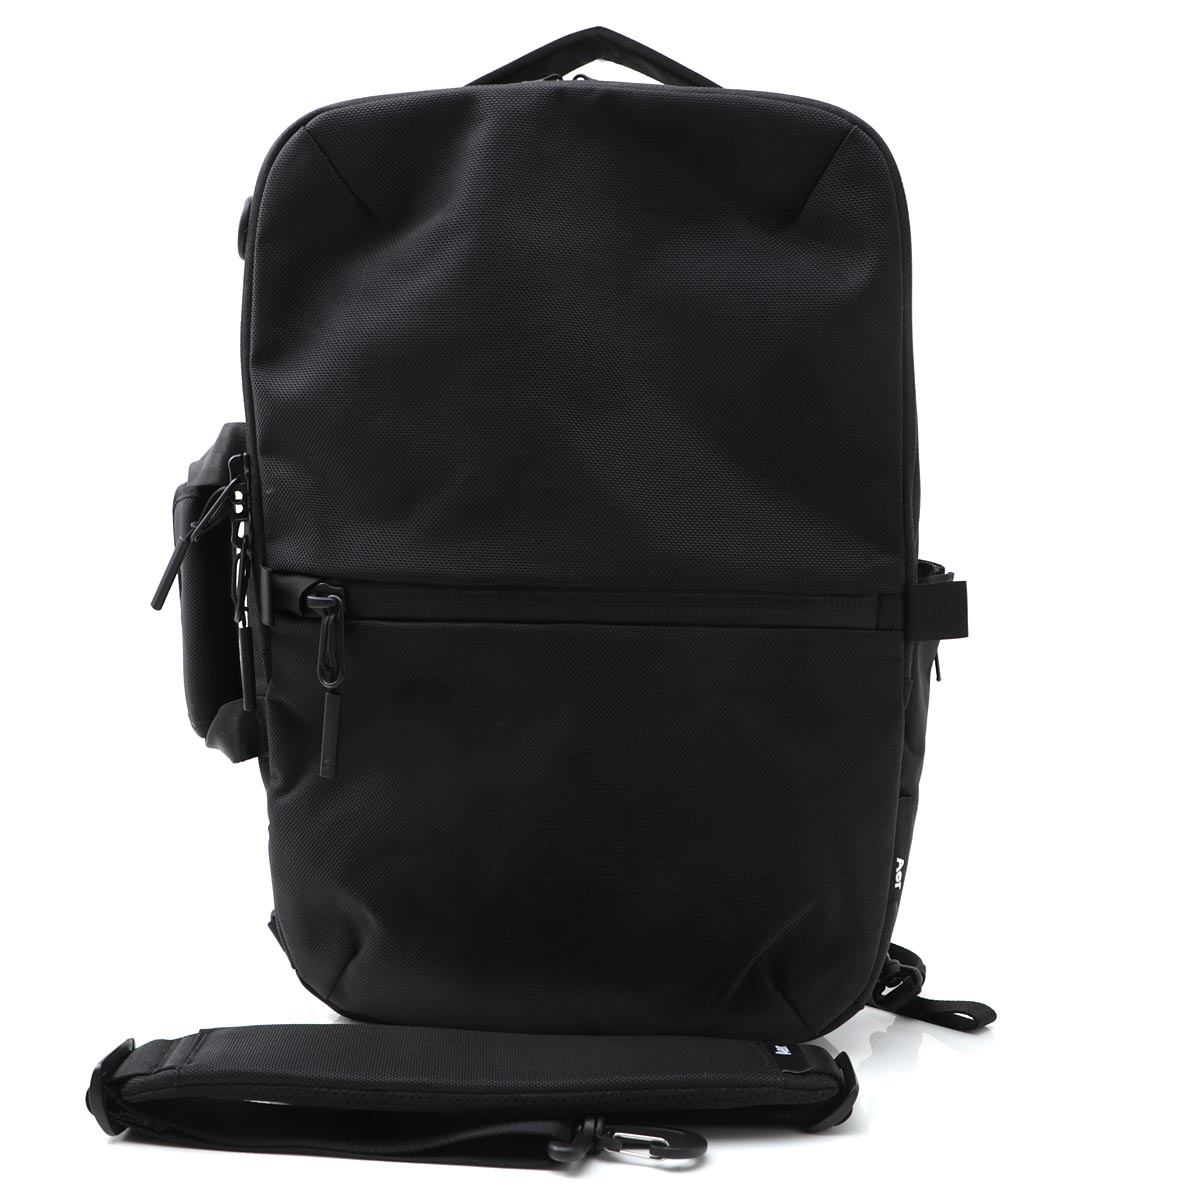 エアー Aer バックパック リュックサック ブラック メンズ カジュアル バッグ aer21010 flightpack2 black FLIGHT PACK 2【あす楽対応_関東】【返品送料無料】【ラッピング無料】